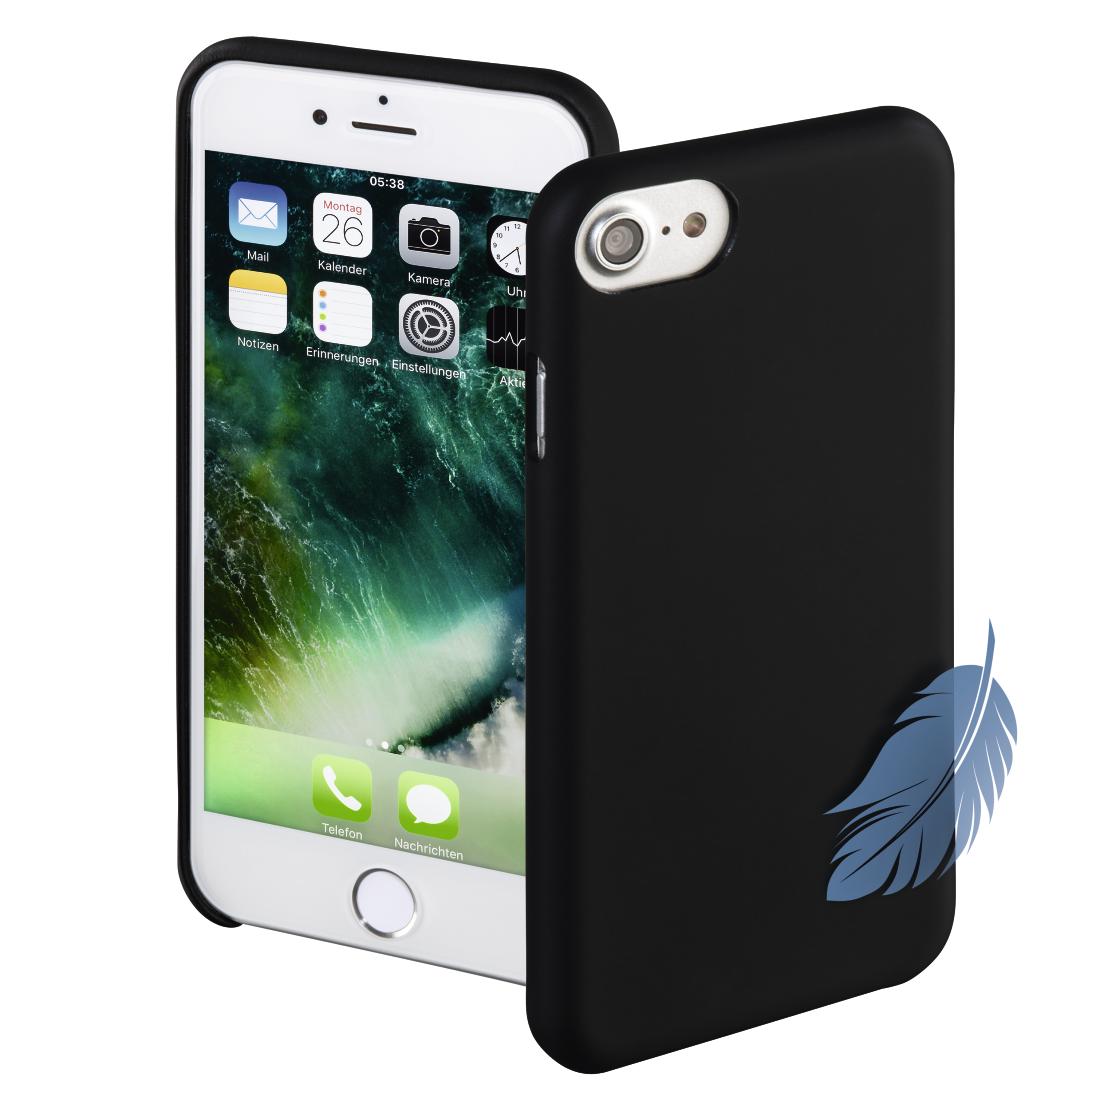 00178080 Hama Cover Silk Für Apple Iphone 78 Schwarz Hama De